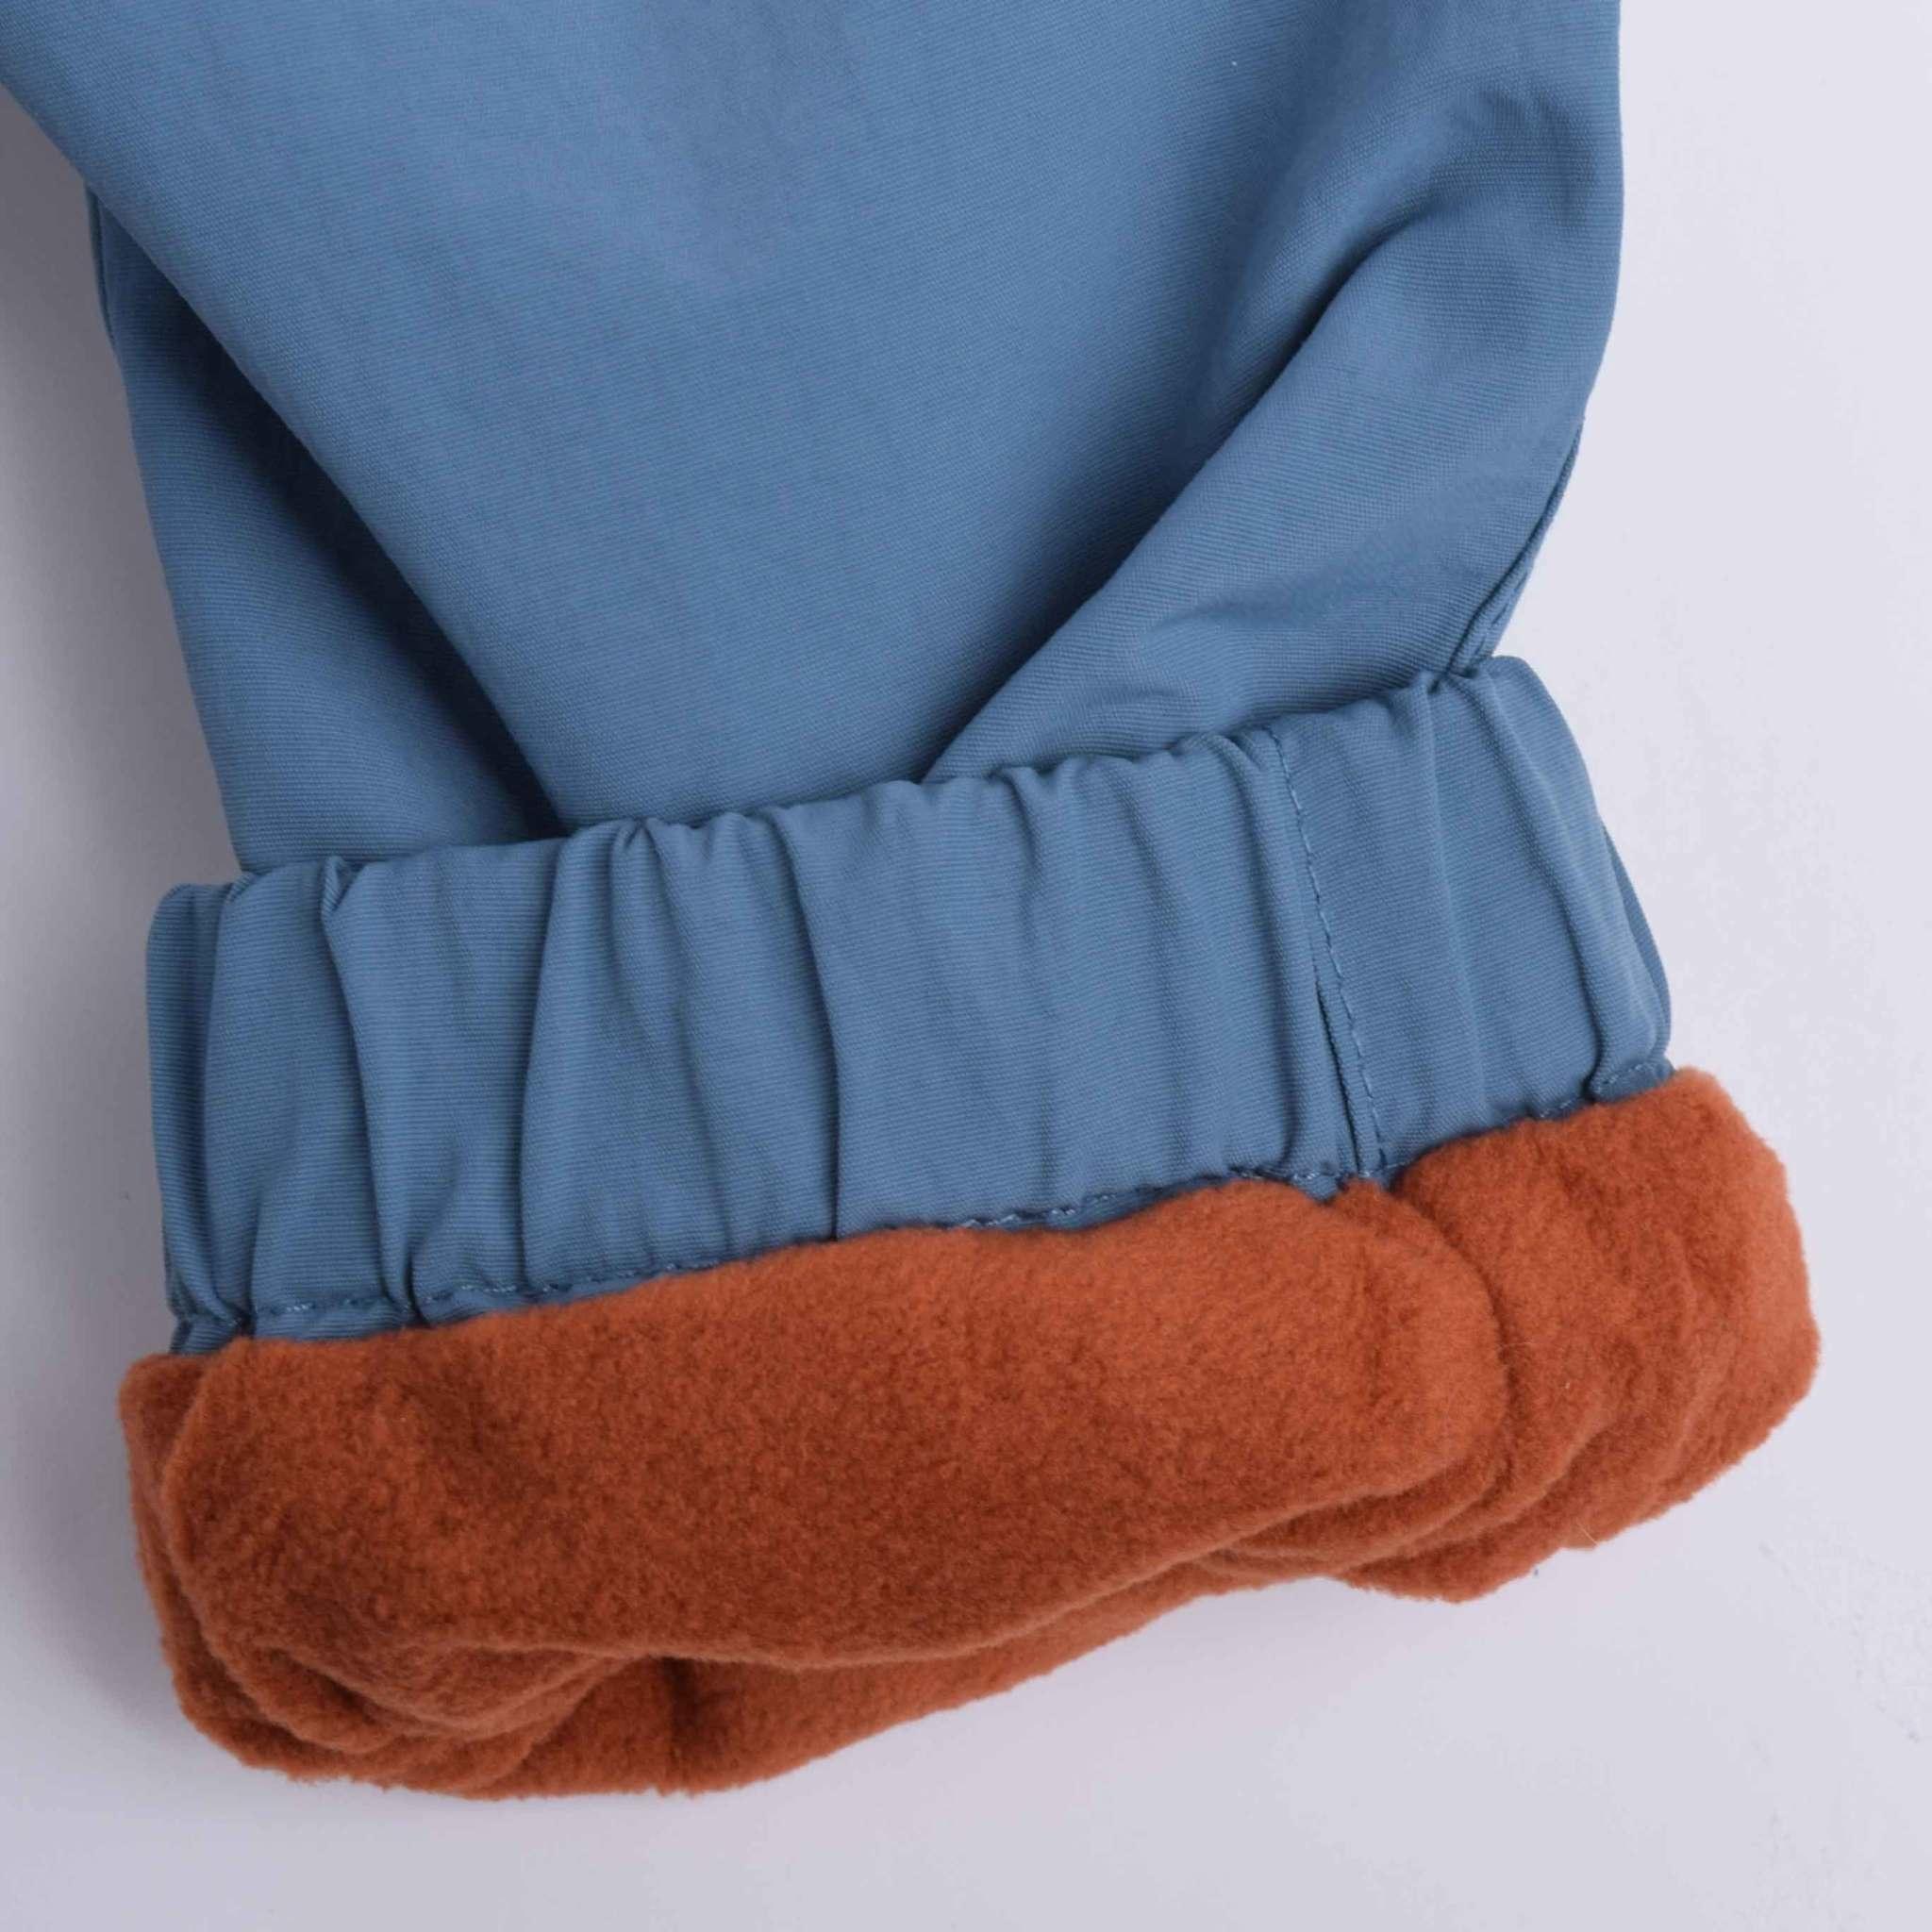 Pantalon D'Extérieur doublé Polar - TWENTY TWO 1.0-12